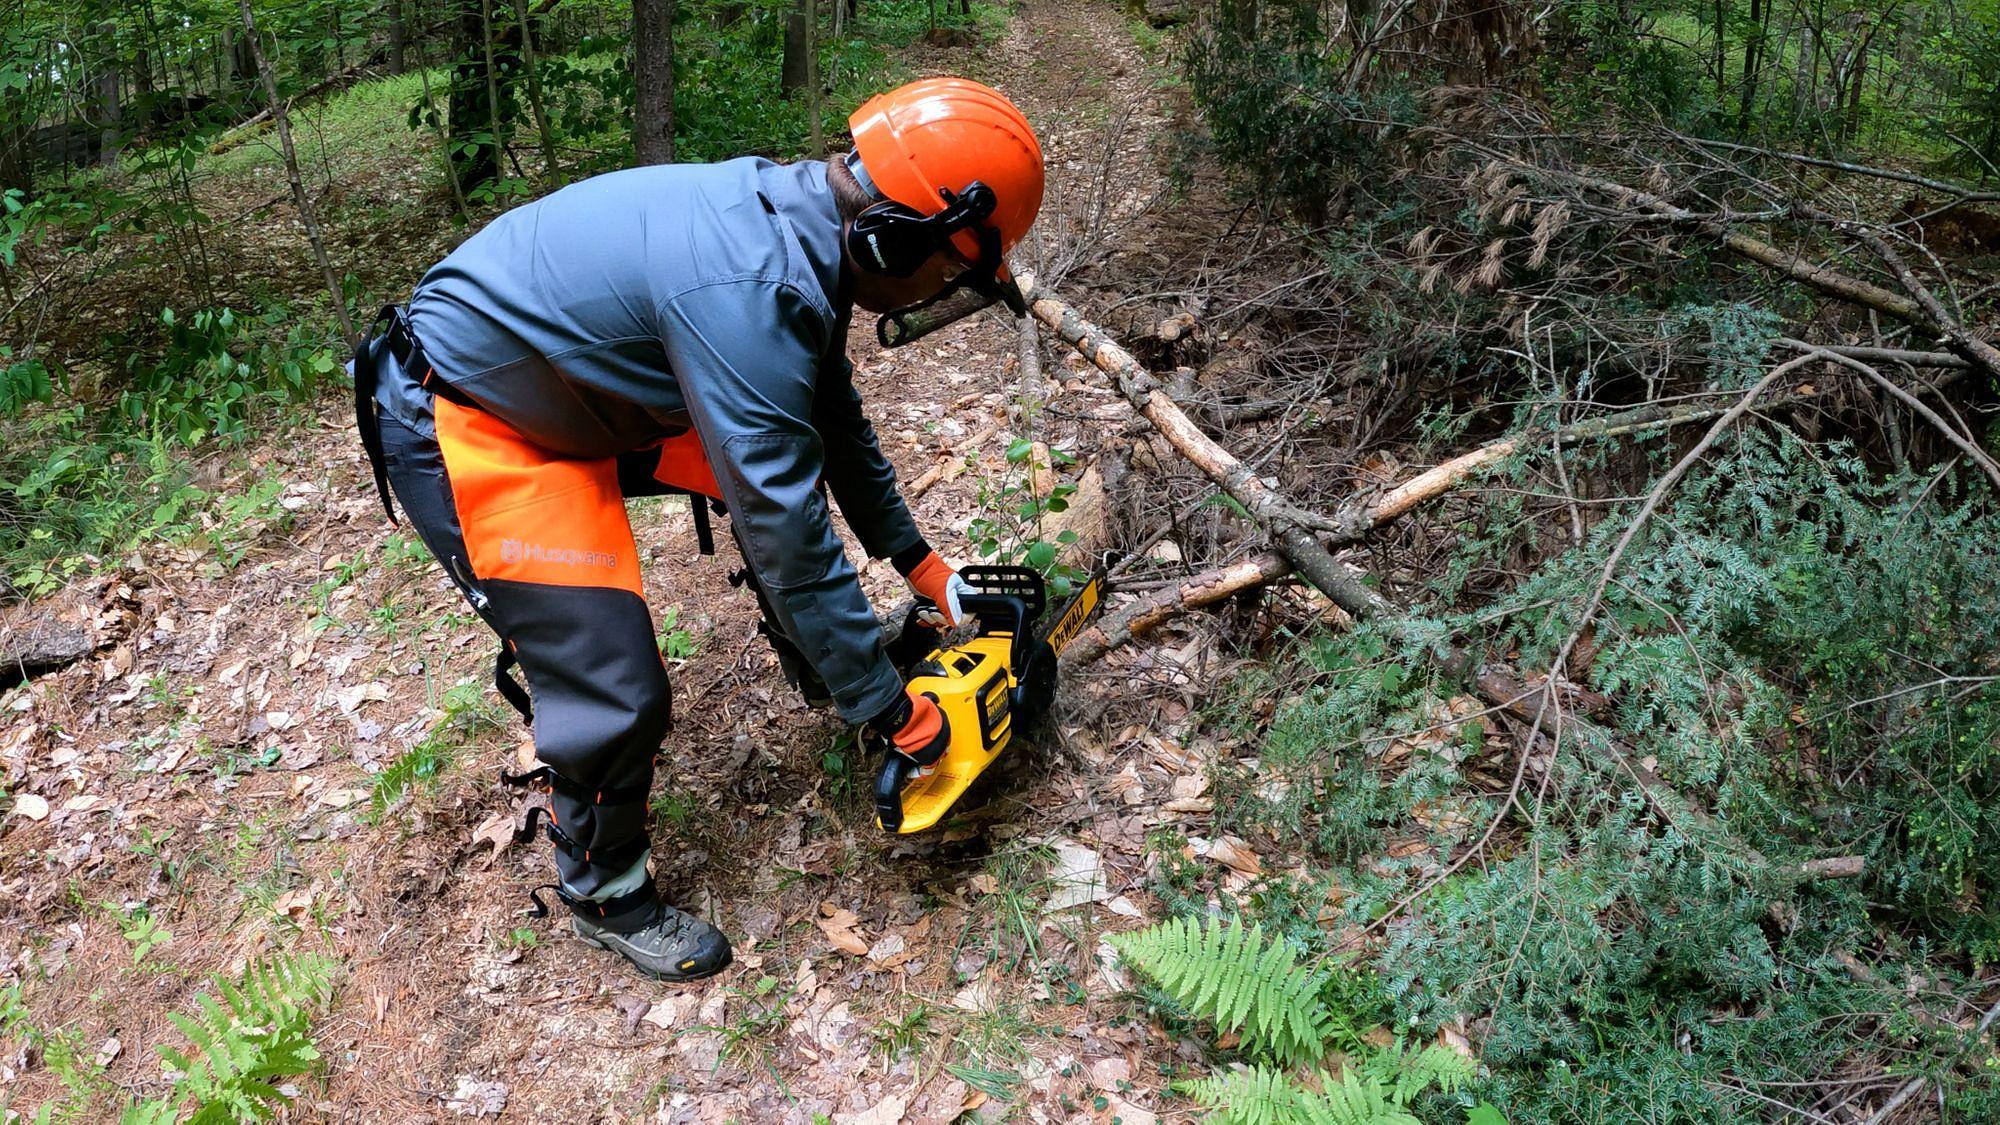 Dewalt DCCS670 Chainsaw